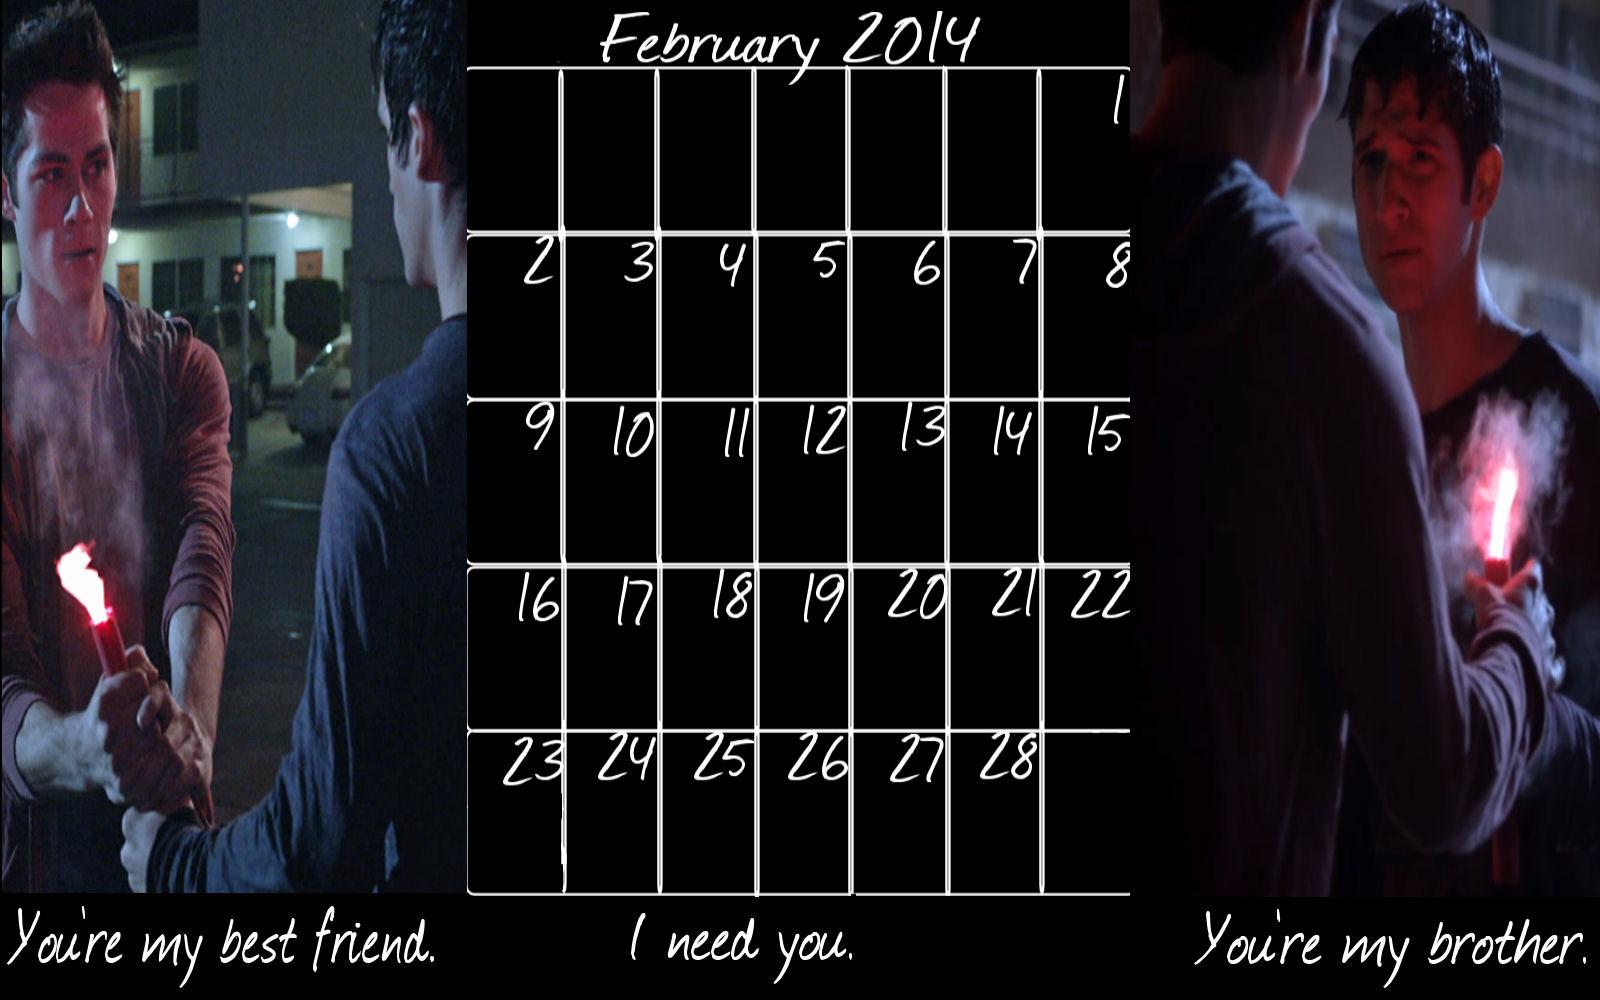 02.TW Feb